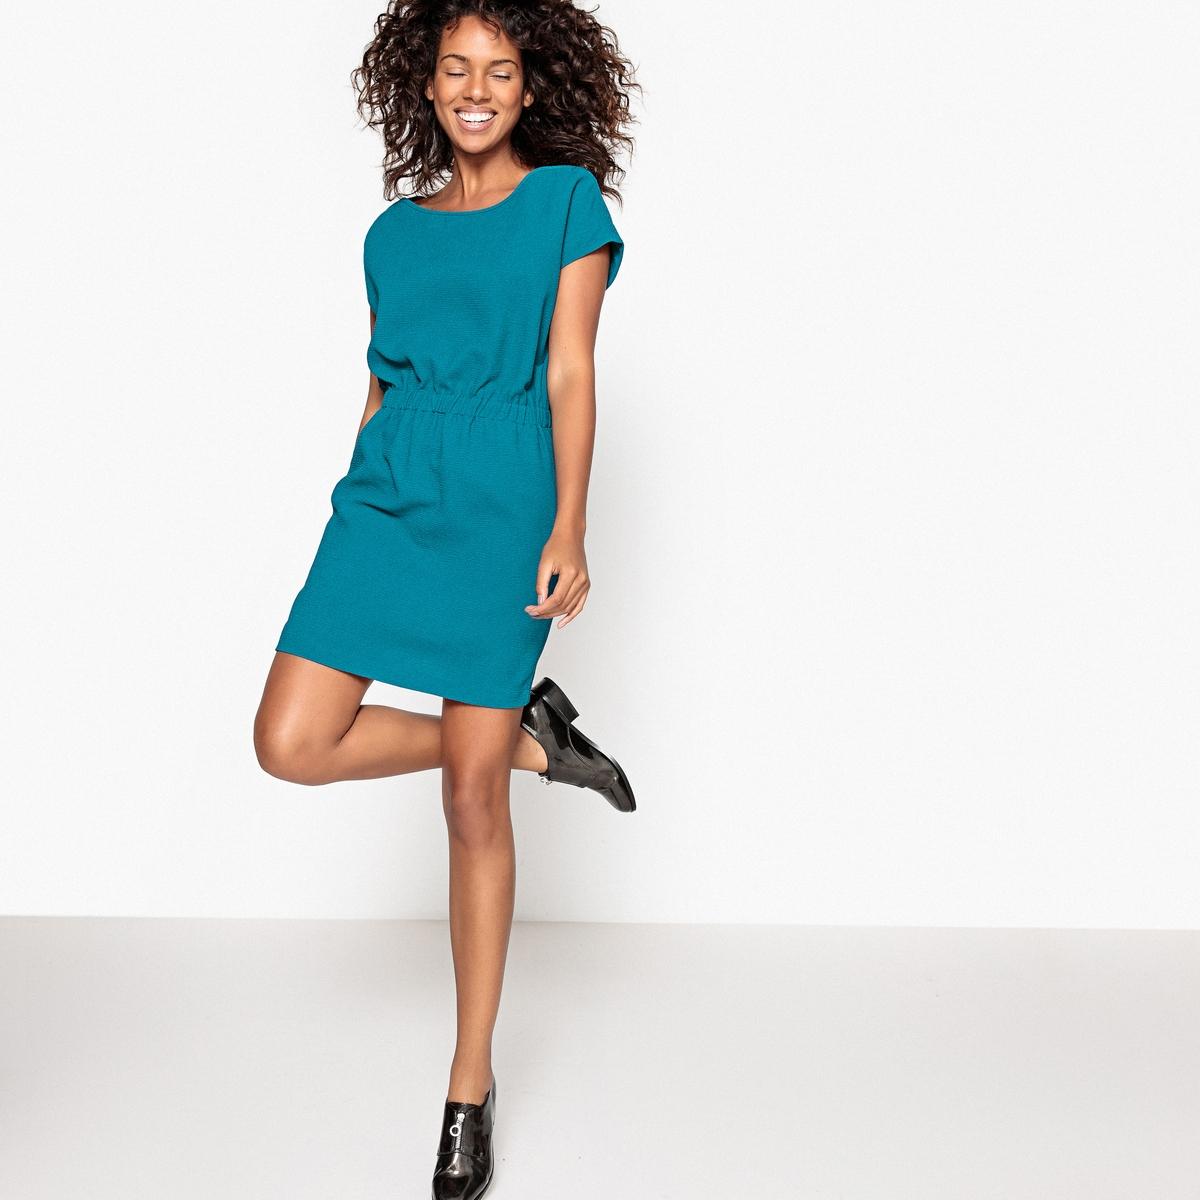 Платье однотонное с эластичным поясомДетали •  Форма : прямая •  Укороченная модель •  Короткие рукава    •  Круглый вырезСостав и уход •  100% полиэстер •  Температура стирки при 30° на деликатном режиме   •  Сухая чистка и отбеливание запрещены •  Не использовать барабанную сушку   •  Низкая температура глажки •  Длина  : 92 см<br><br>Цвет: сине-зеленый,темно-зеленый,черный<br>Размер: 52 (FR) - 58 (RUS).50 (FR) - 56 (RUS).46 (FR) - 52 (RUS).34 (FR) - 40 (RUS).52 (FR) - 58 (RUS).50 (FR) - 56 (RUS).48 (FR) - 54 (RUS).46 (FR) - 52 (RUS).44 (FR) - 50 (RUS).42 (FR) - 48 (RUS).40 (FR) - 46 (RUS).38 (FR) - 44 (RUS).36 (FR) - 42 (RUS).52 (FR) - 58 (RUS).50 (FR) - 56 (RUS).48 (FR) - 54 (RUS).46 (FR) - 52 (RUS).44 (FR) - 50 (RUS).42 (FR) - 48 (RUS).38 (FR) - 44 (RUS)